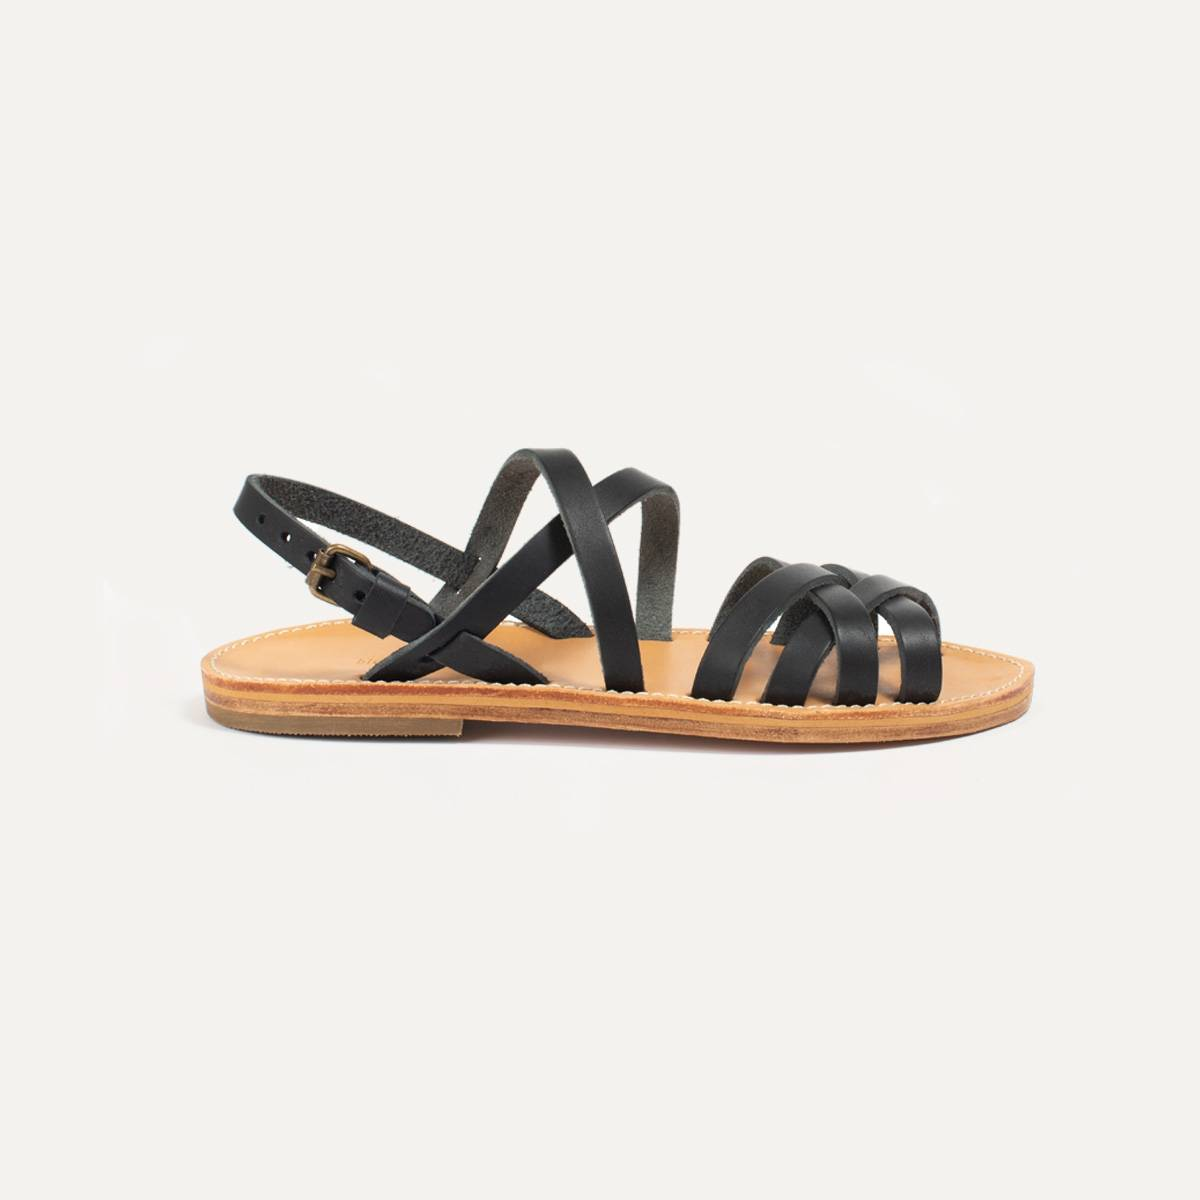 Sandales cuir Majour - Noir (image n°5)